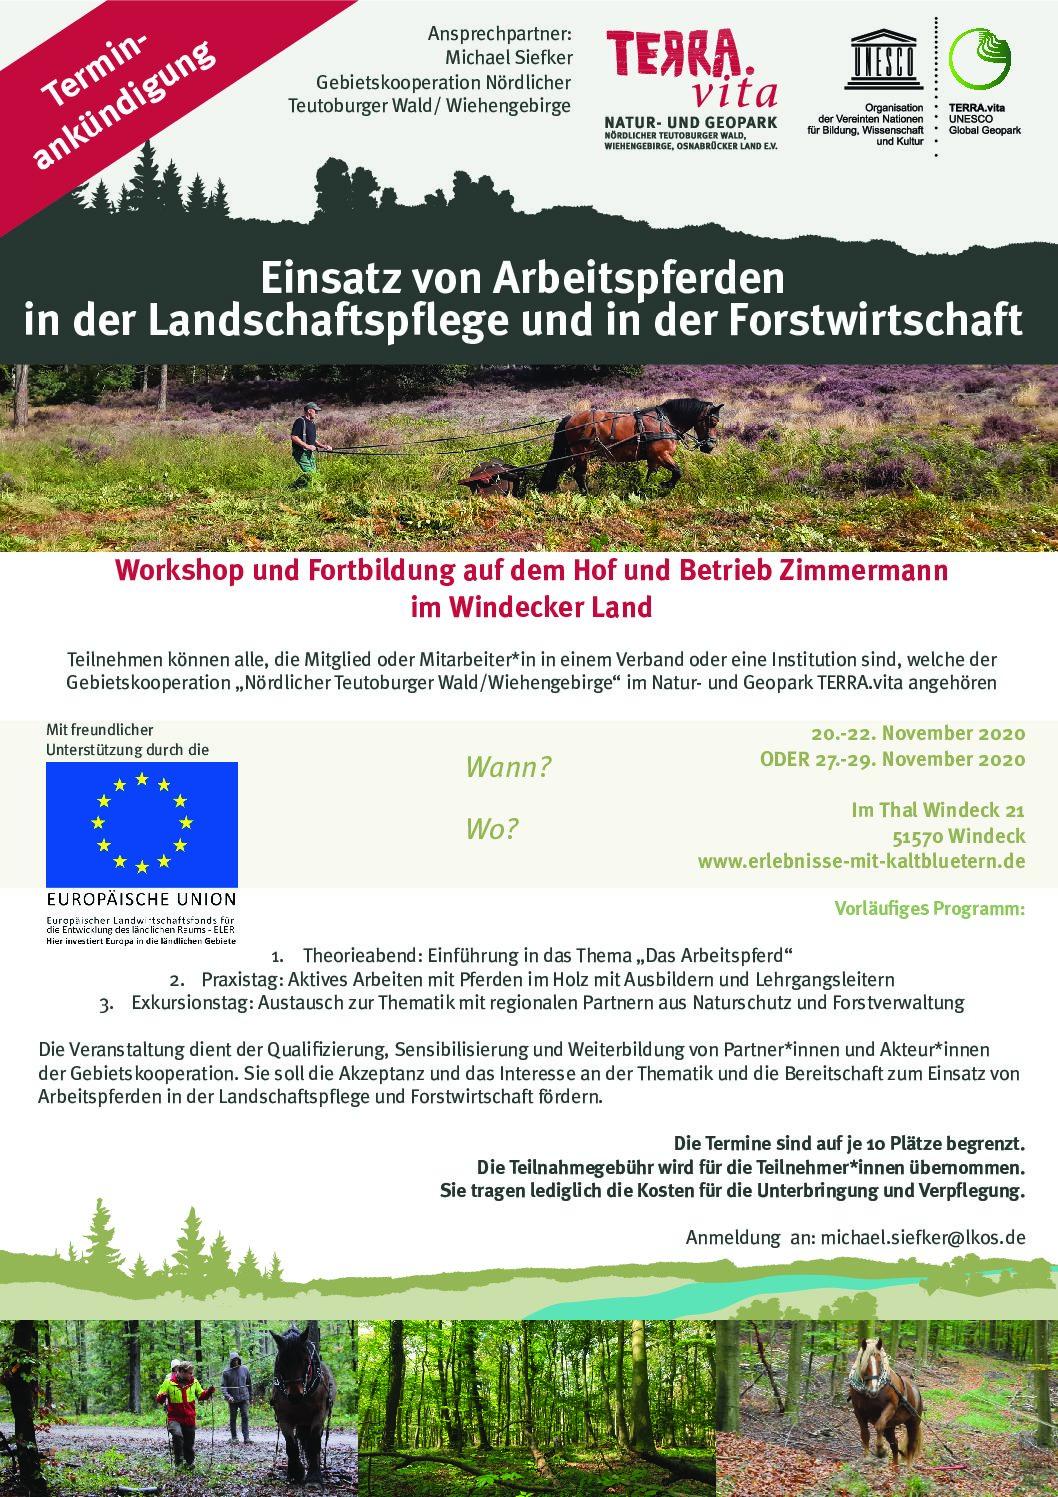 Workshop wird verschoben: Arbeitspferde in Land-/Forstwirtschaft und Landschaftspflege